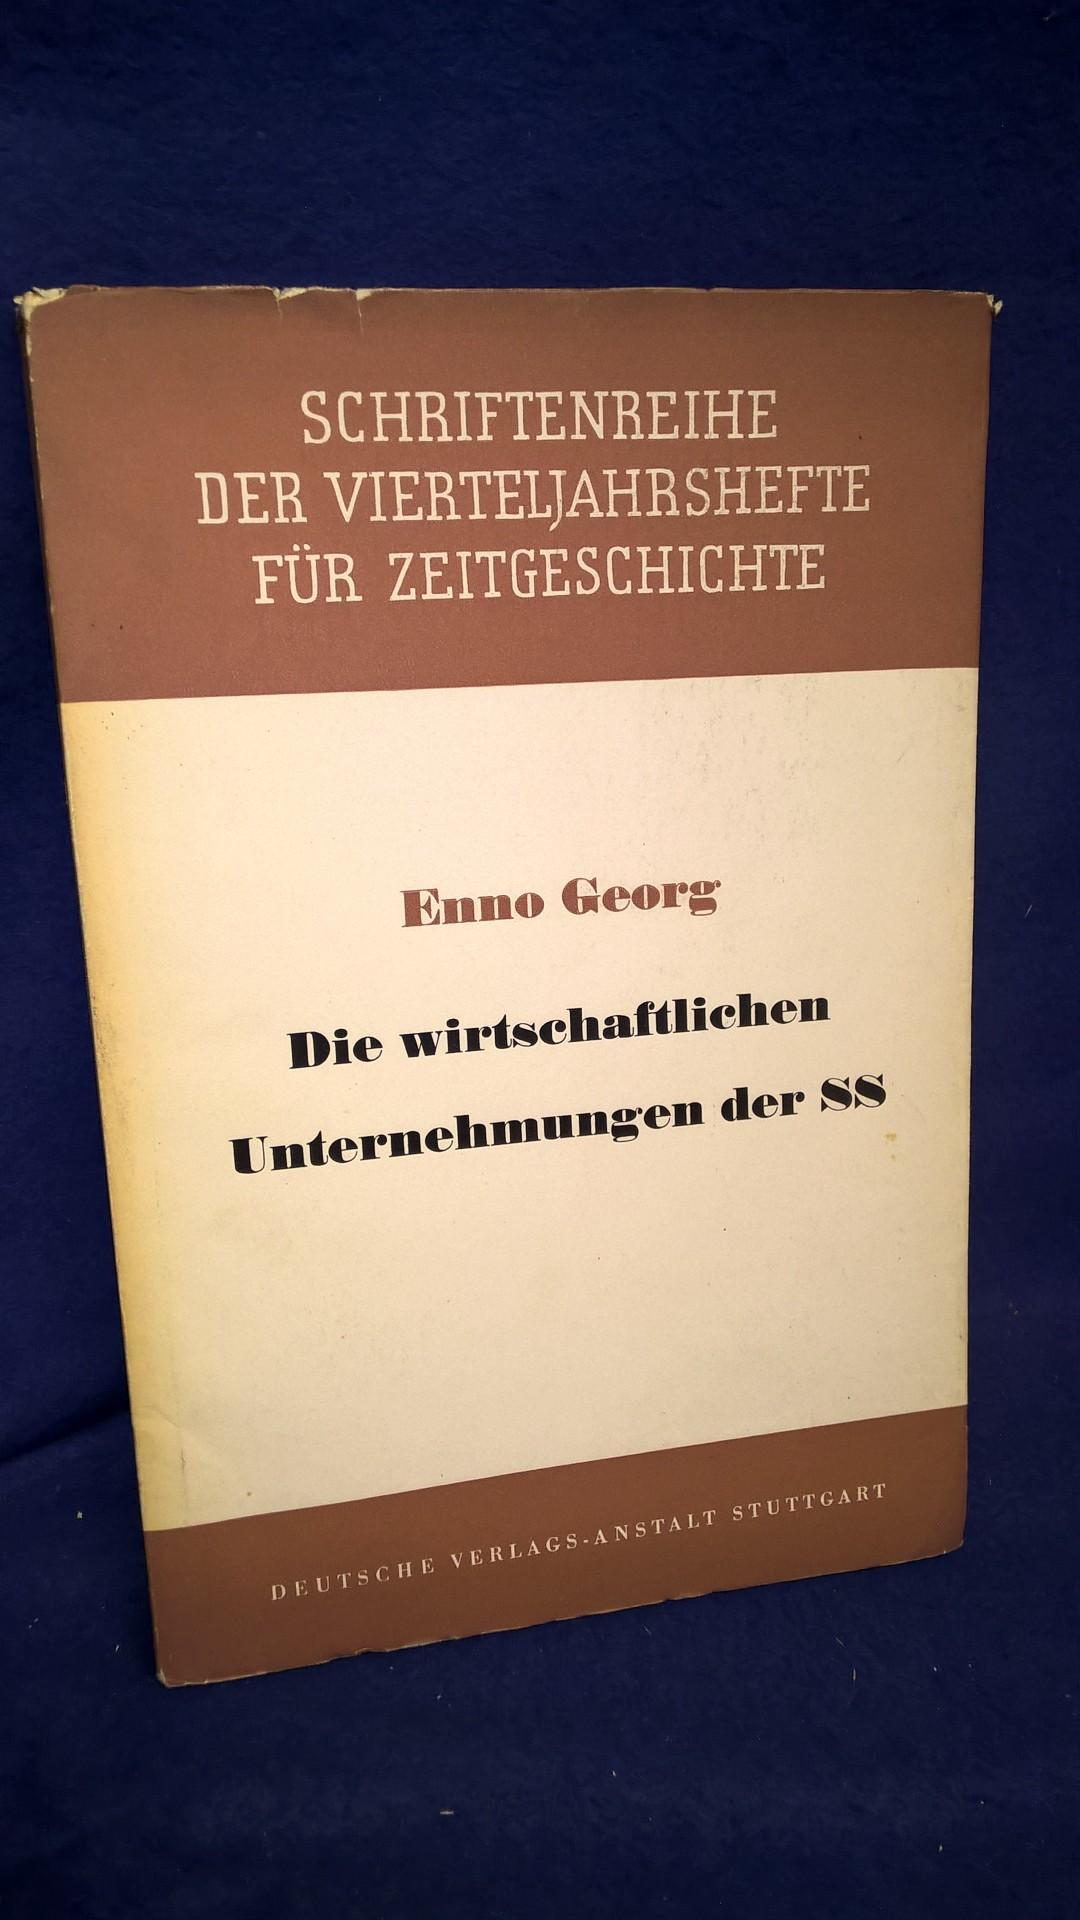 Schriftenreihe der Vierteljahreshefte für Zeitgeschichte, Nummer 7: Die wirtschaftlichen Unternehmungen der SS.